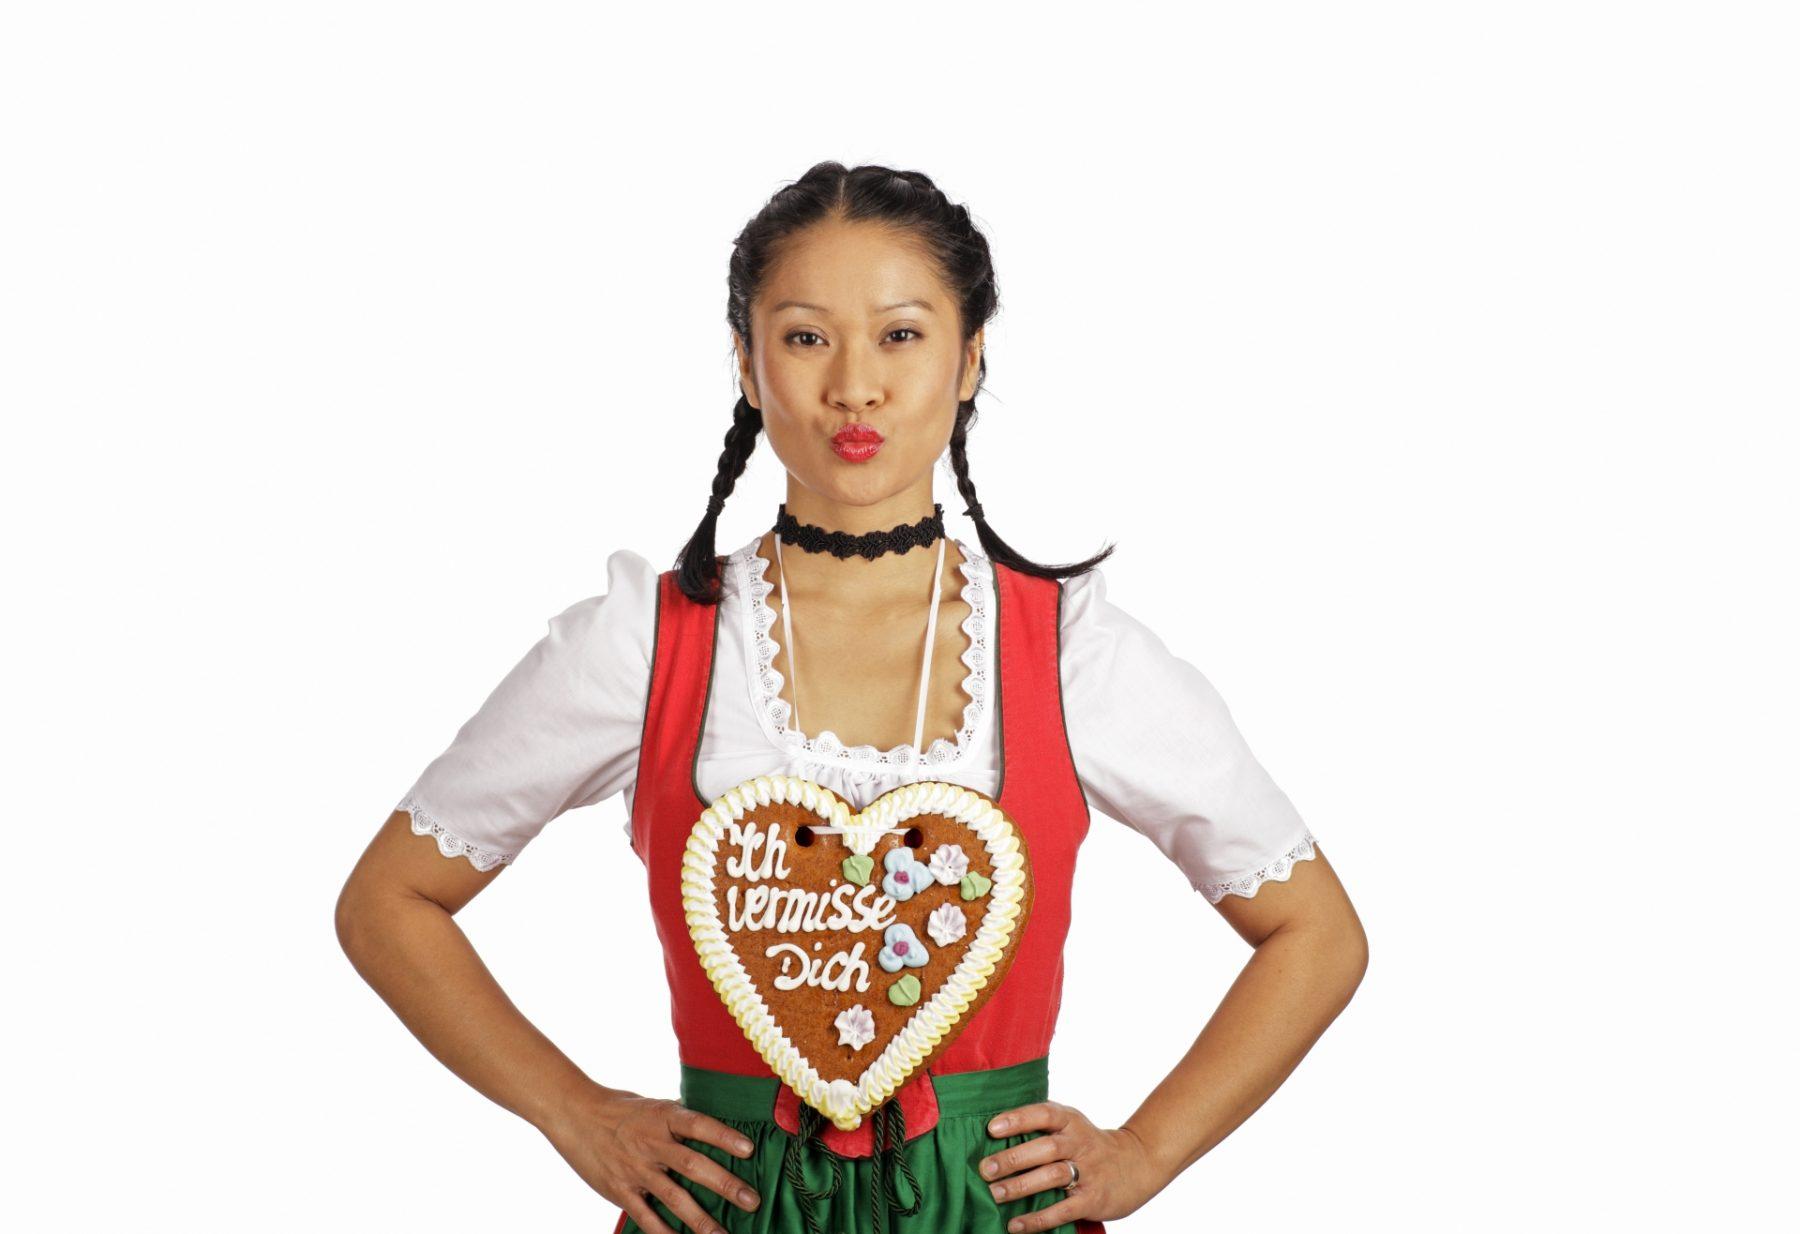 Oktoberfest asiatici